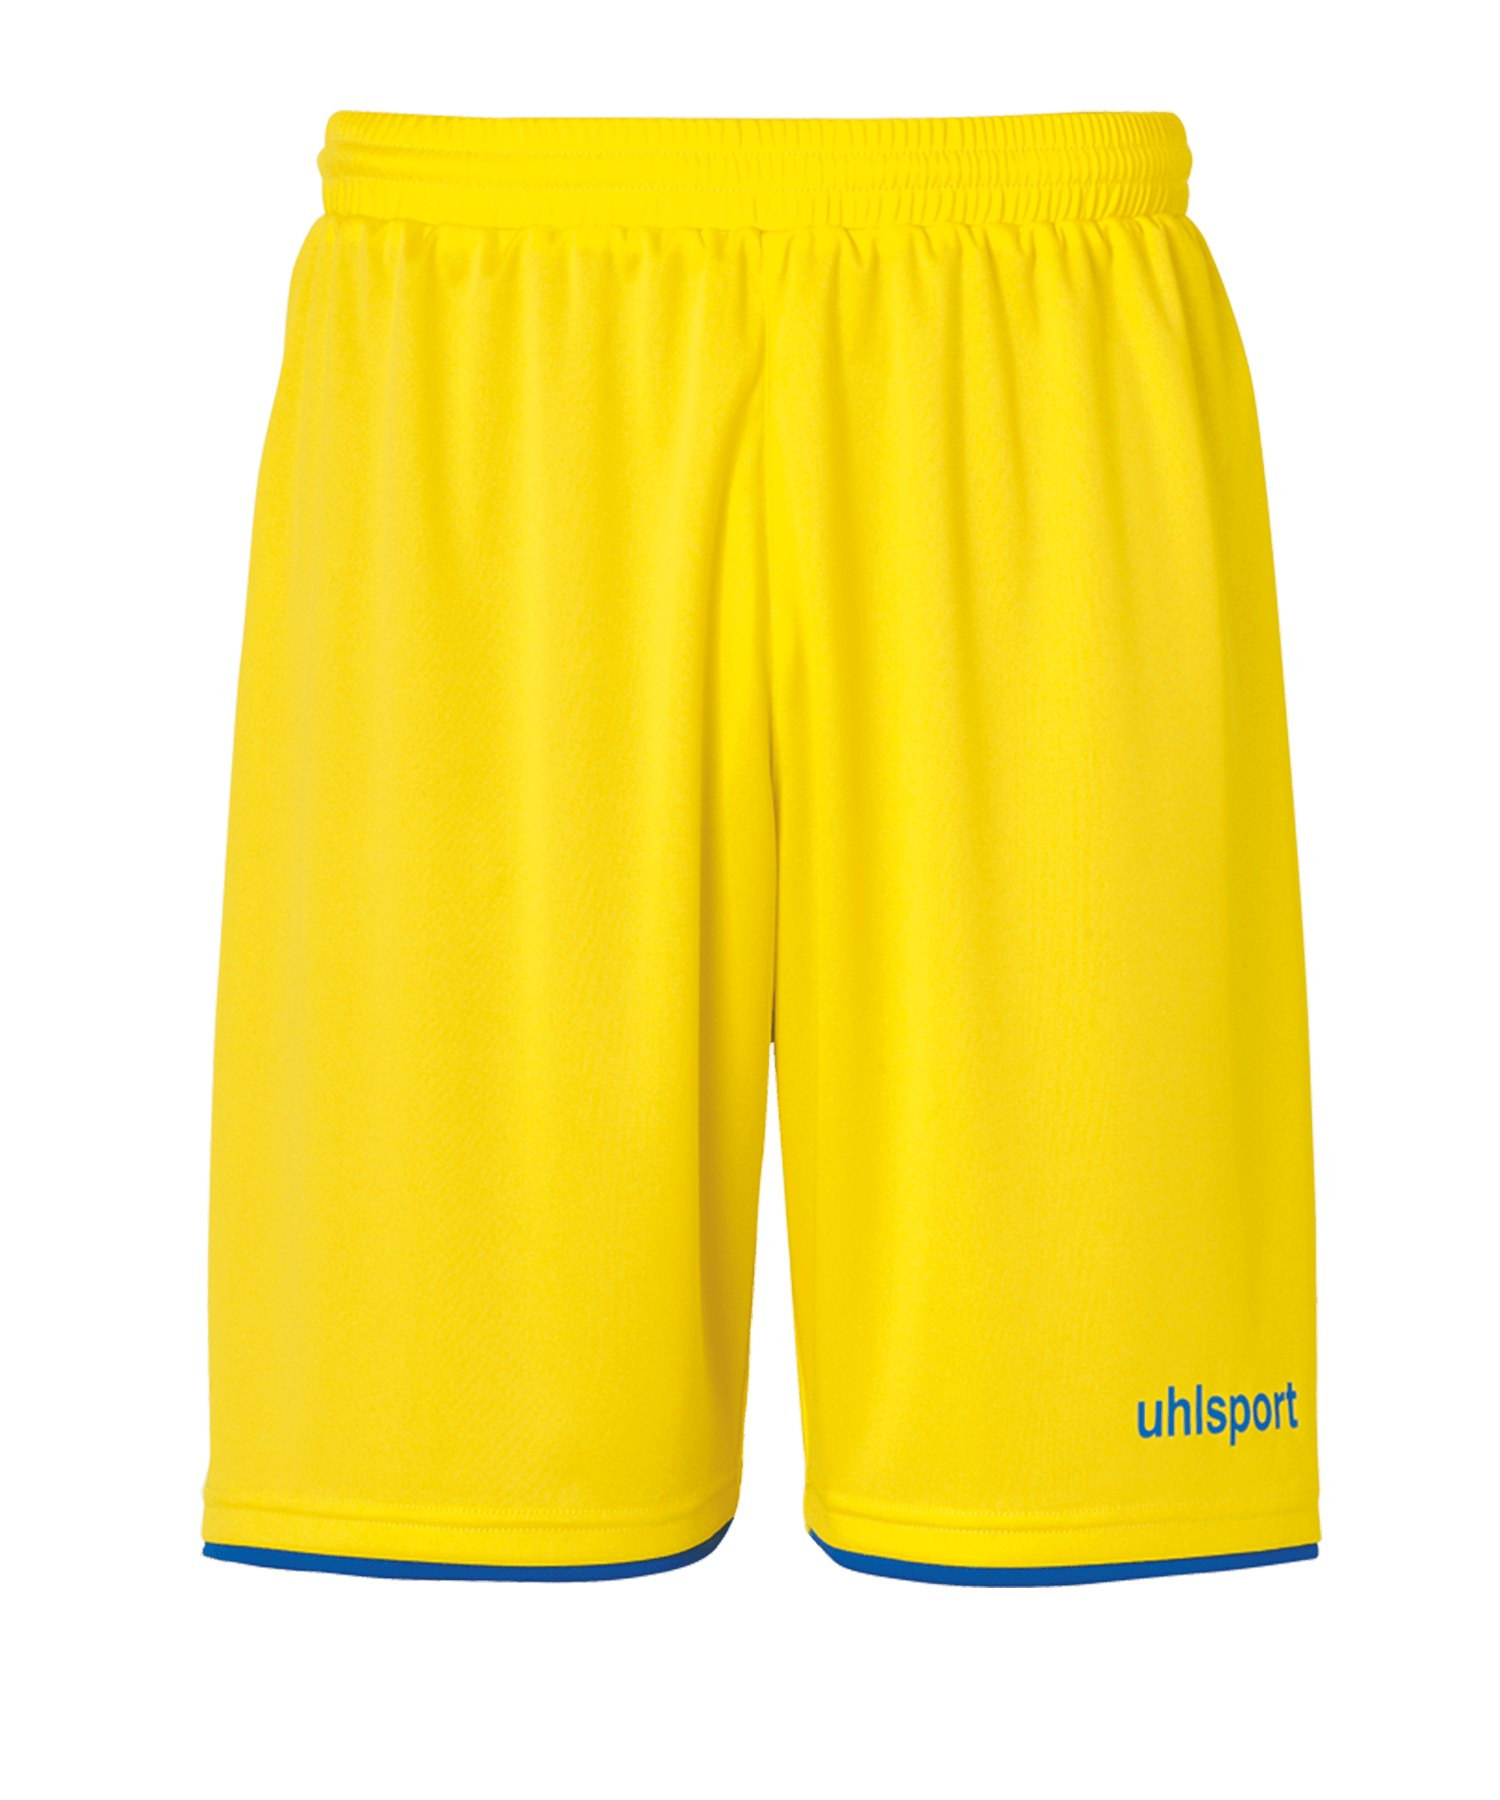 Uhlsport Club Short Gelb Blau F11 - gelb